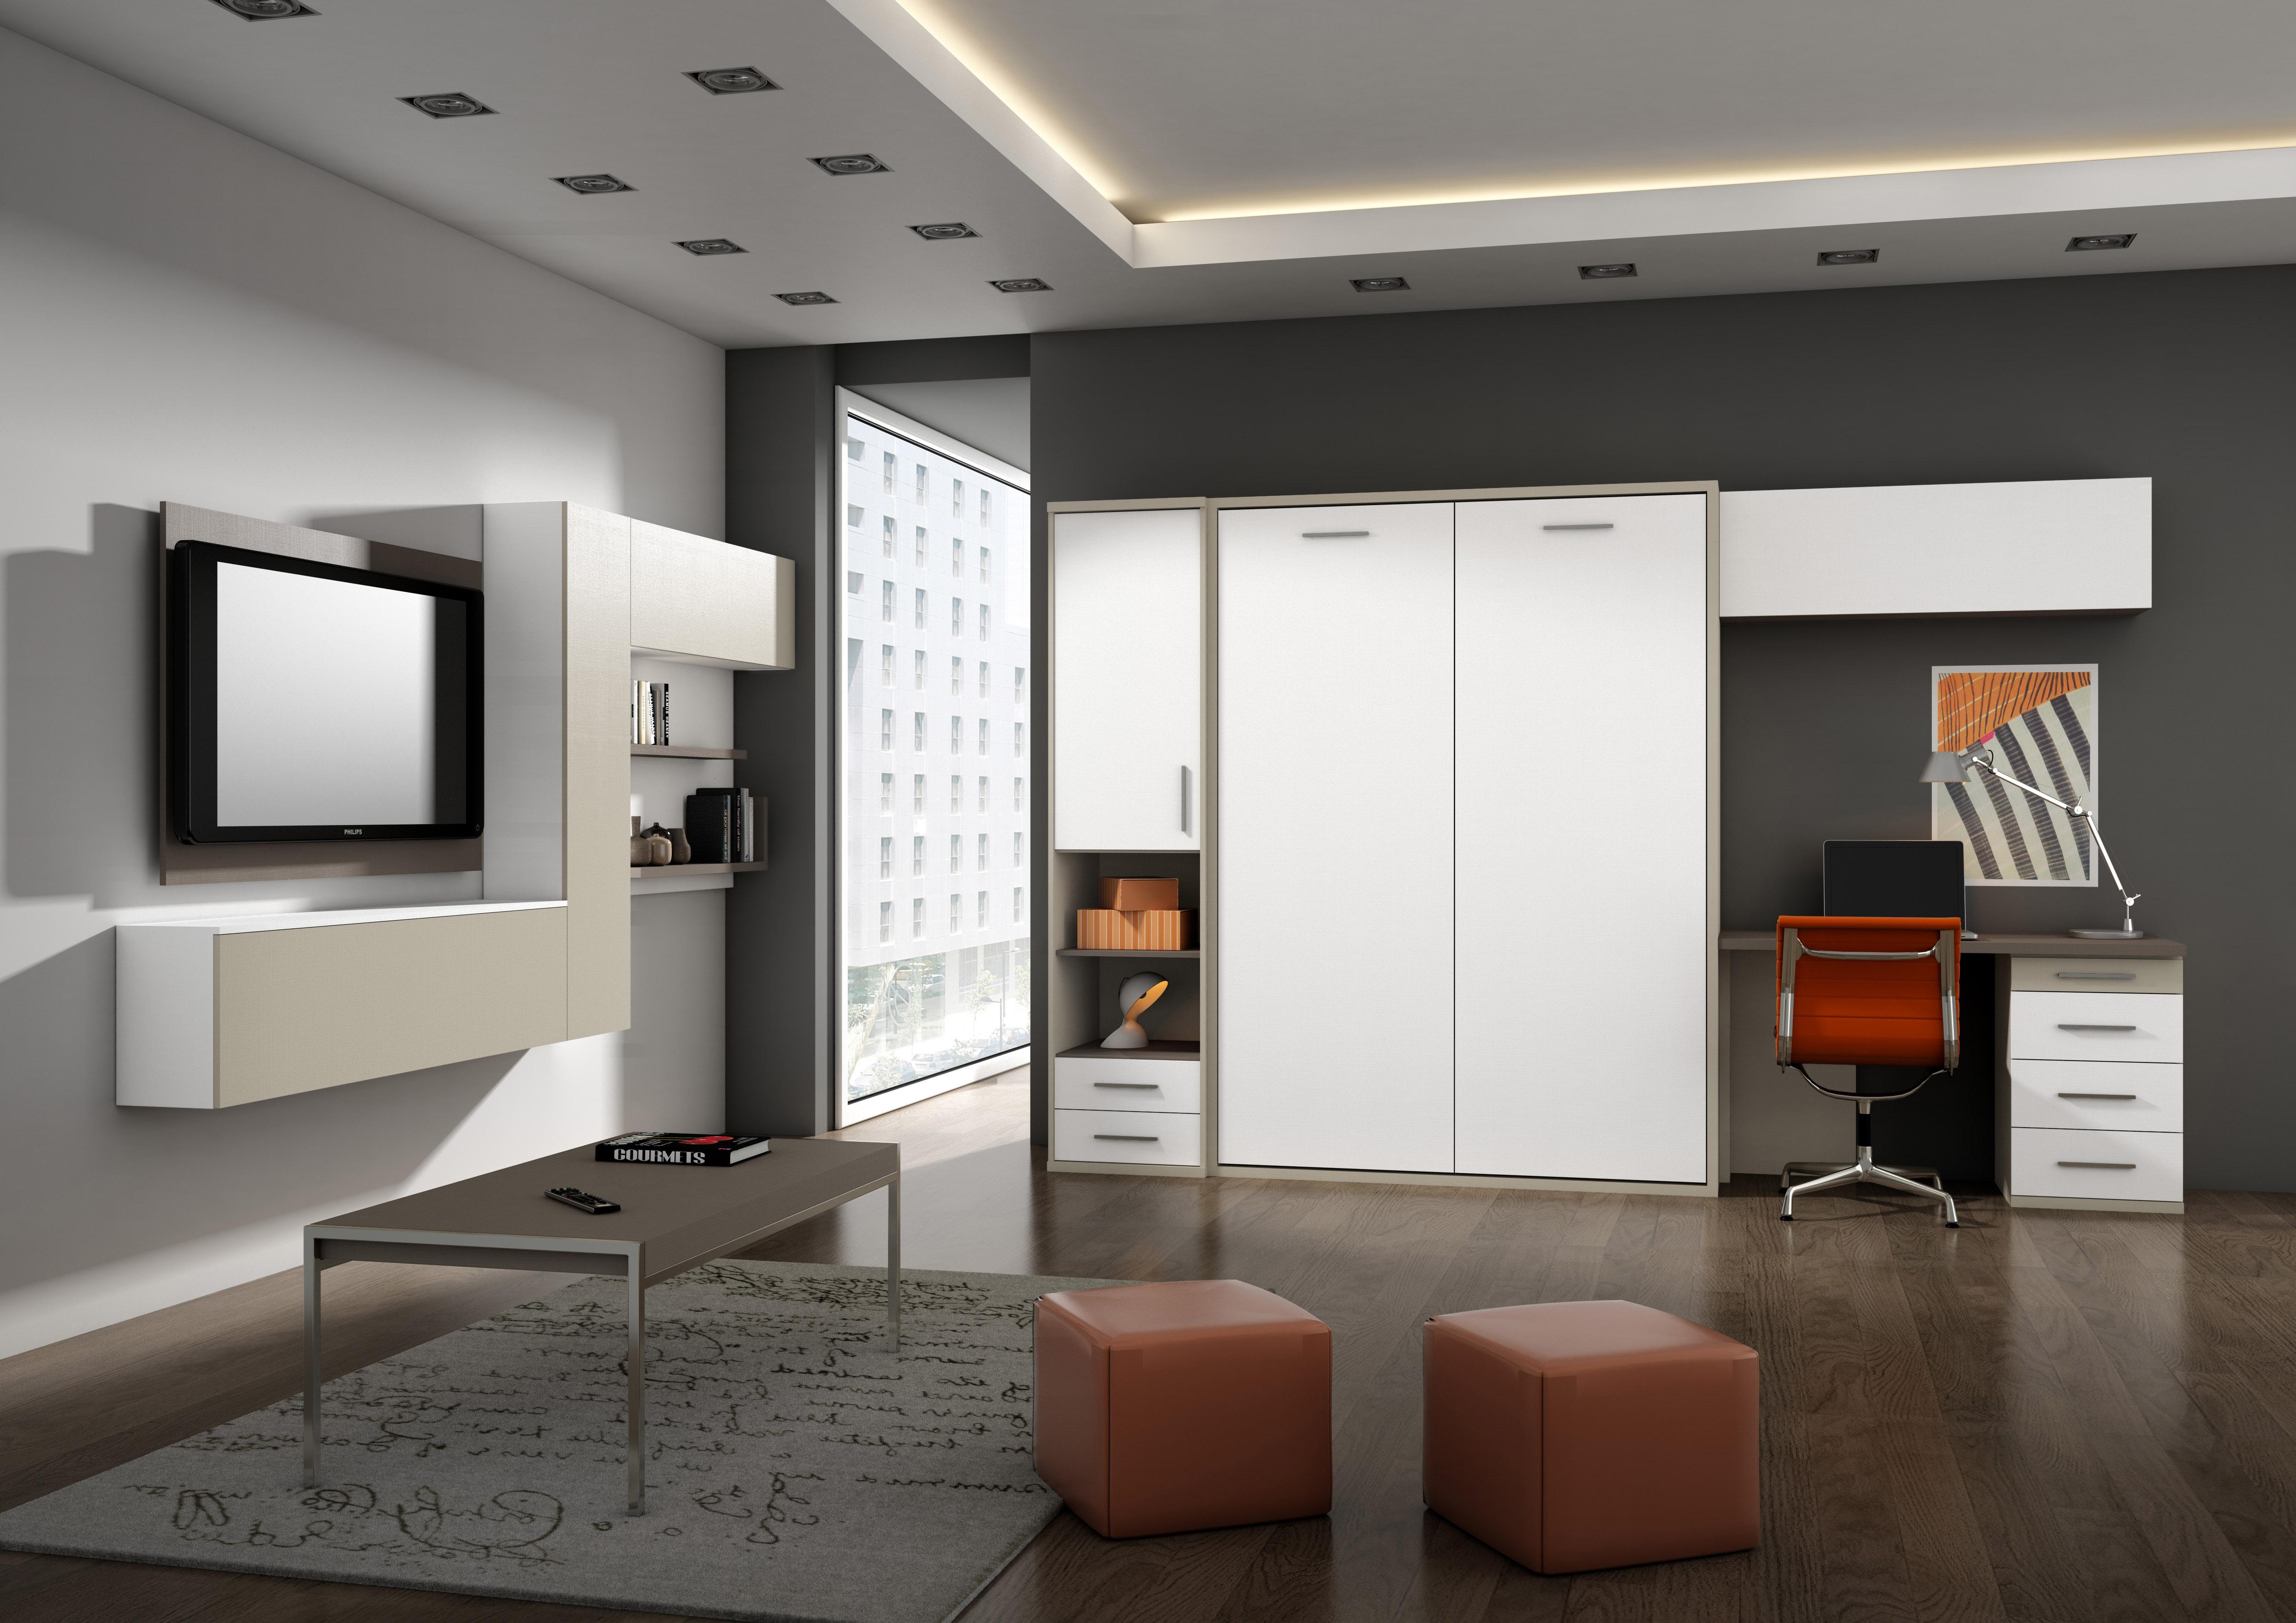 Muebles multifuncionales mucho m s de lo que parece - Mas que muebles ...